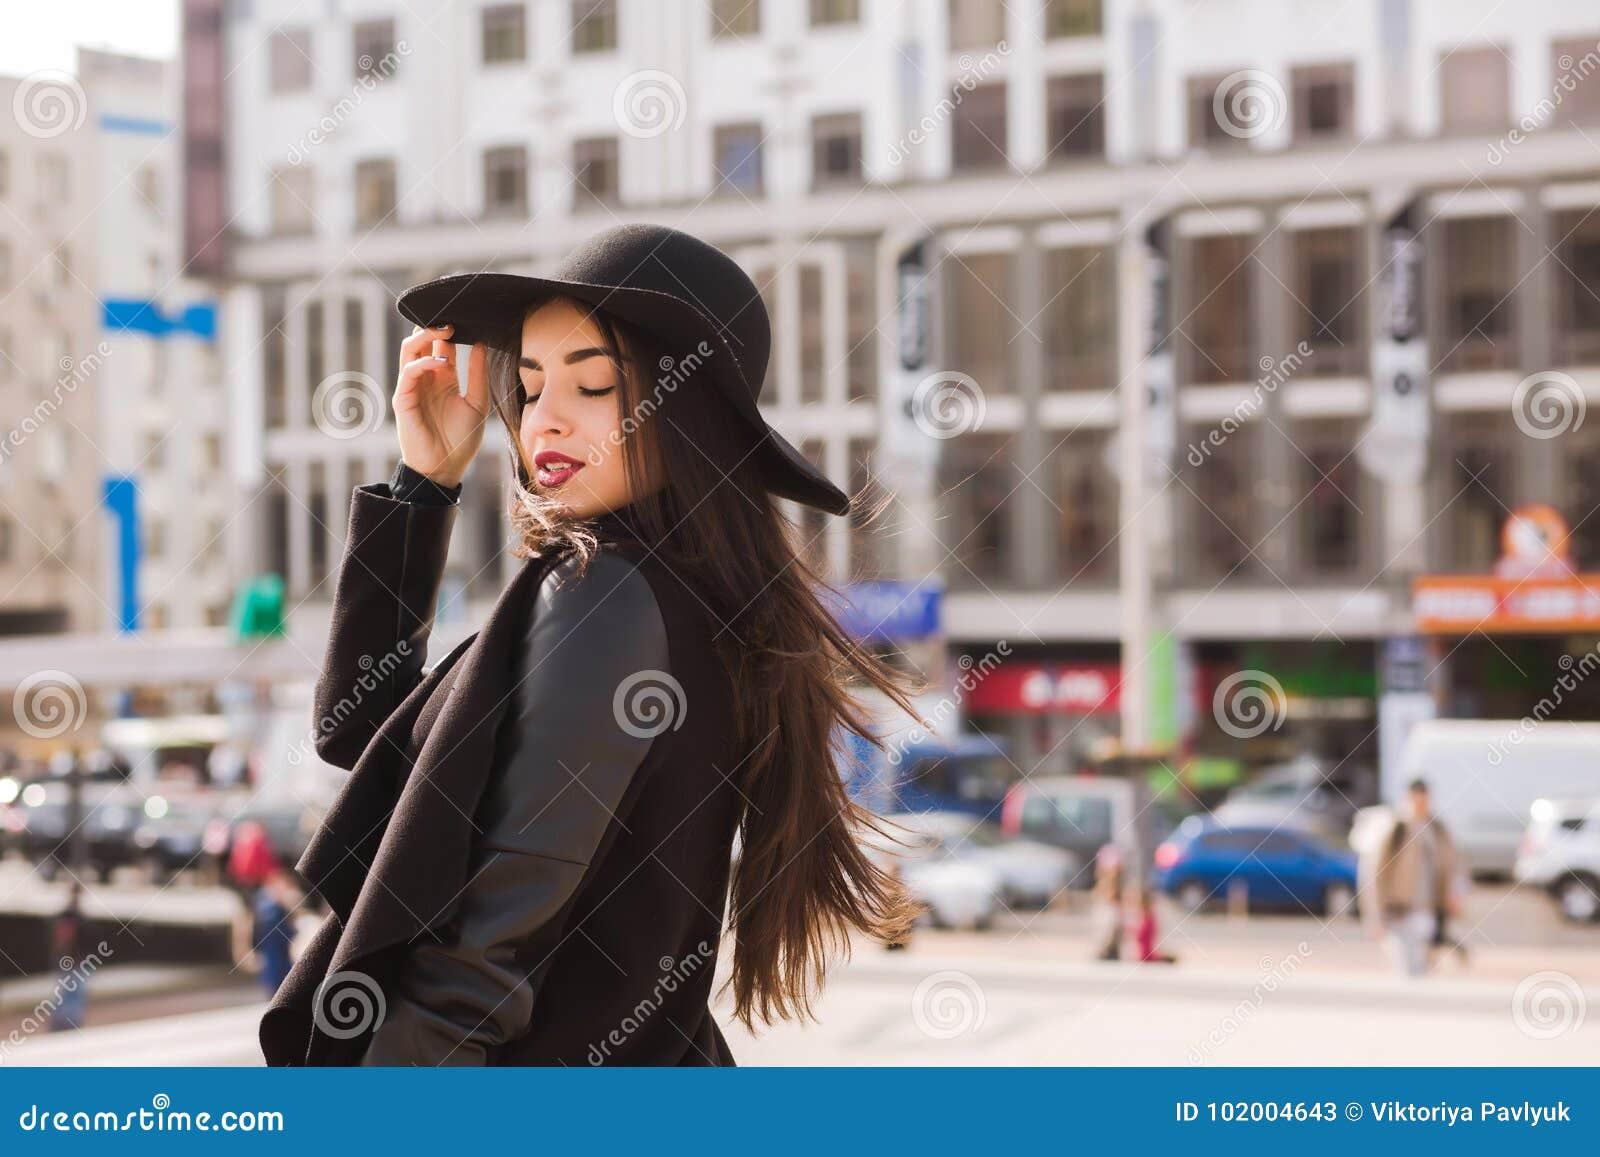 Le portrait de mode du jeune joli modèle utilise le chapeau à large bord L